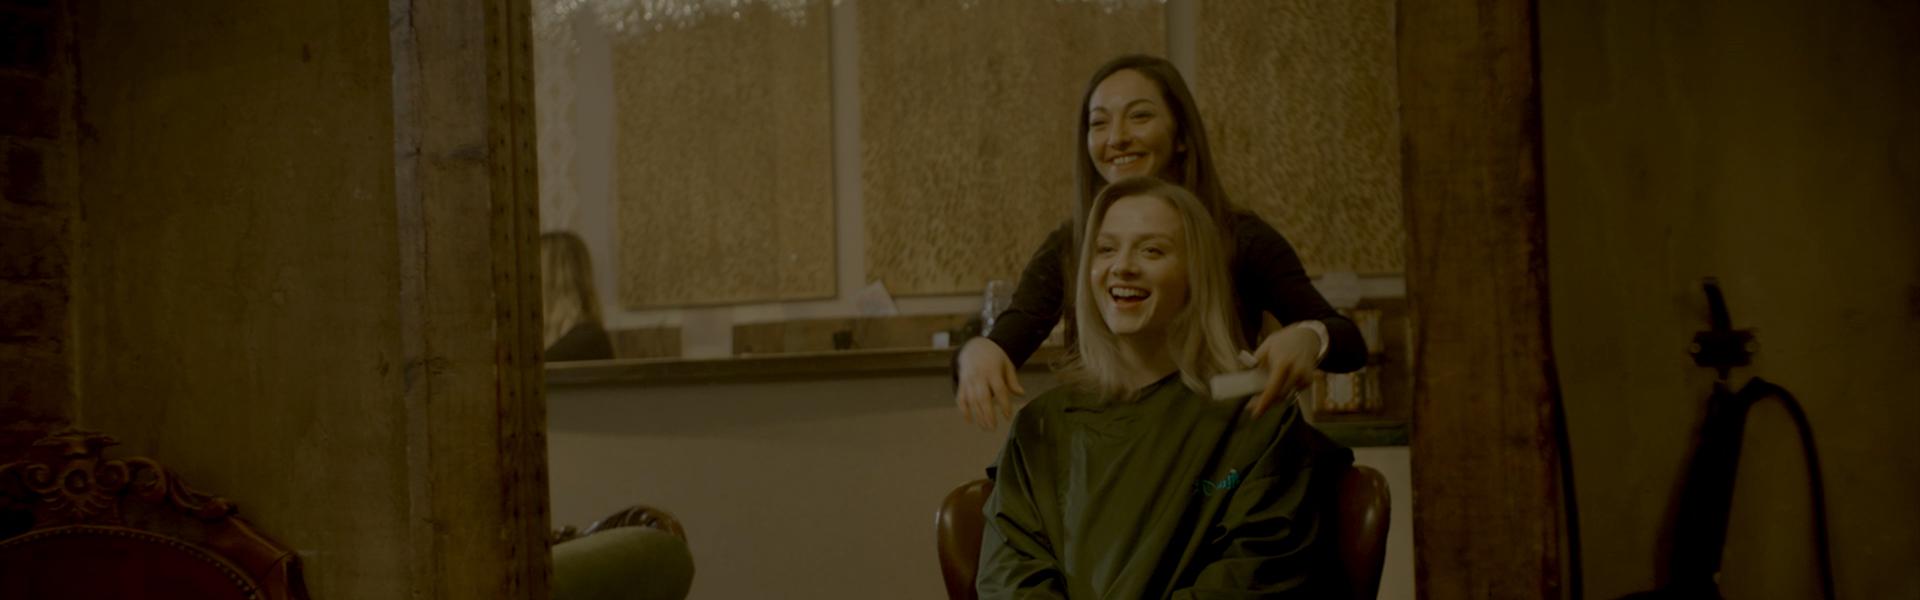 Zwei Frauen in einem Friseursalon